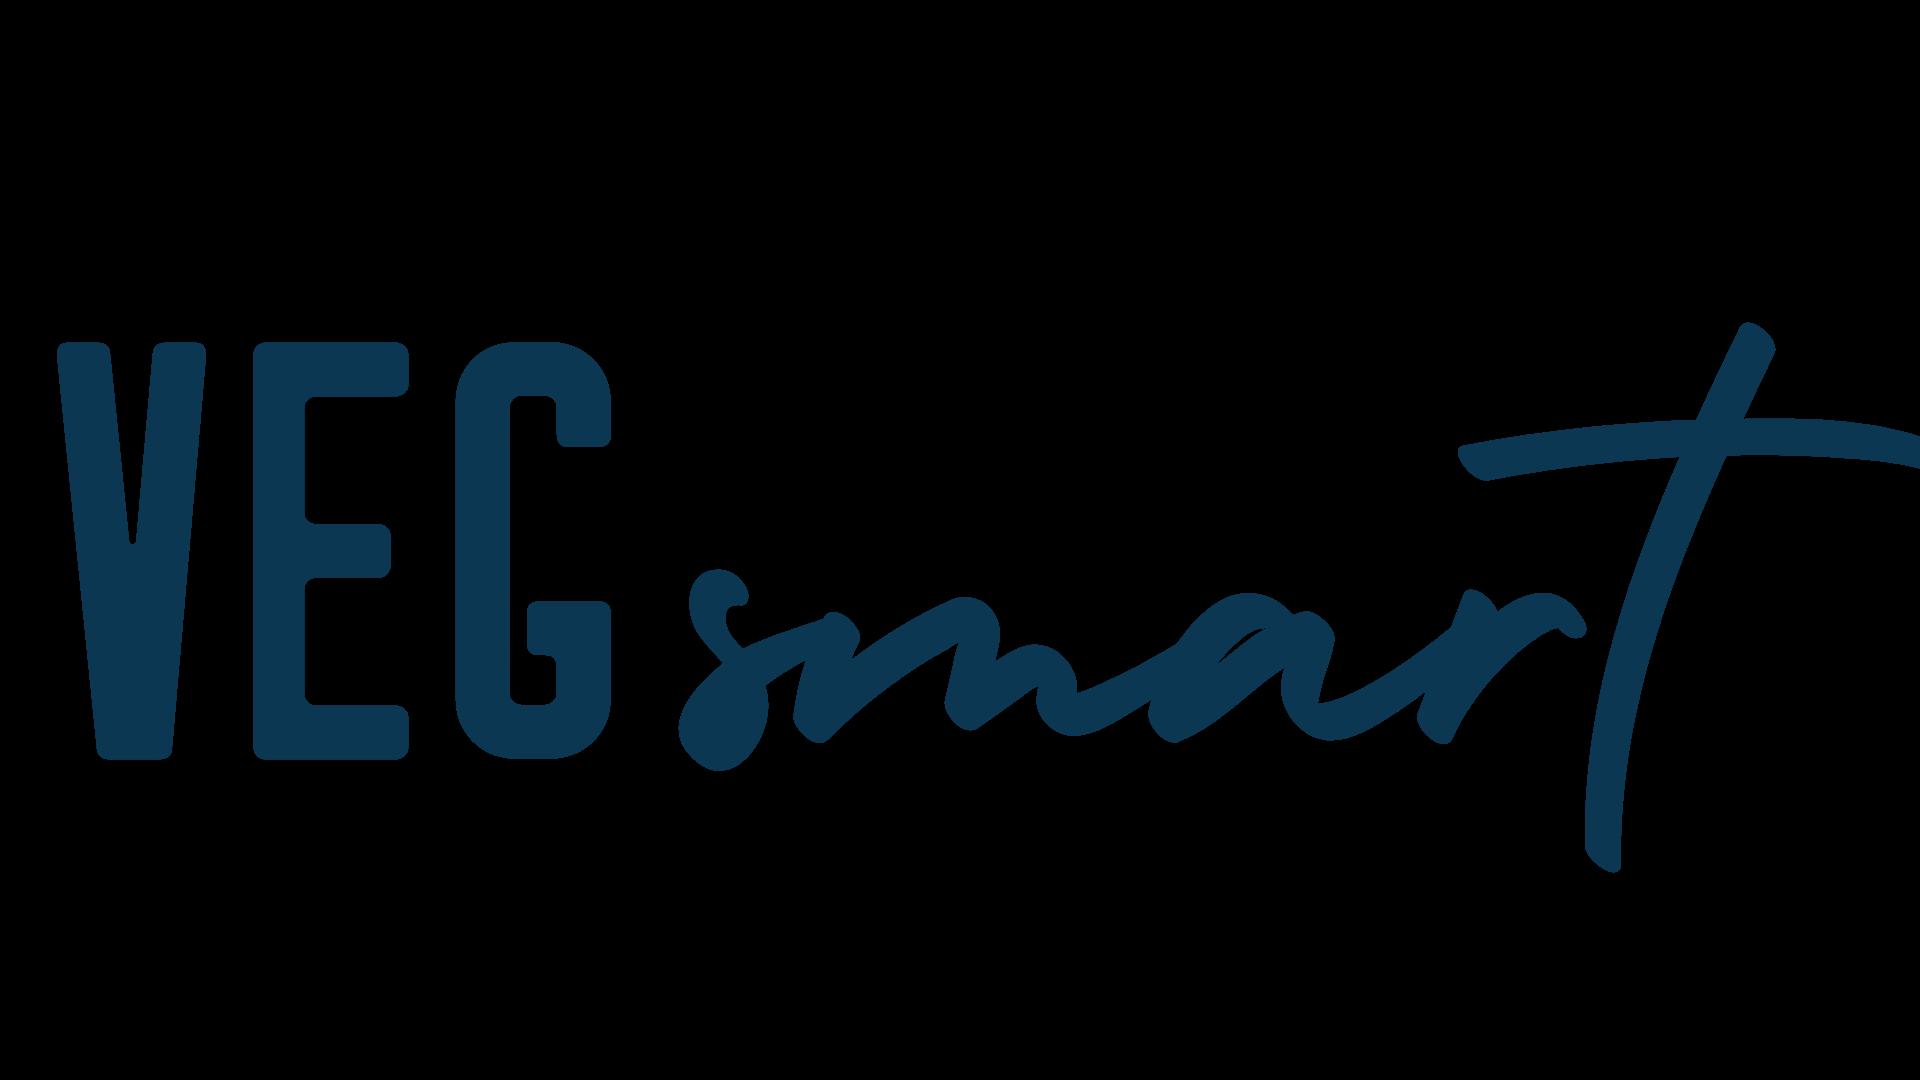 veg smart logo